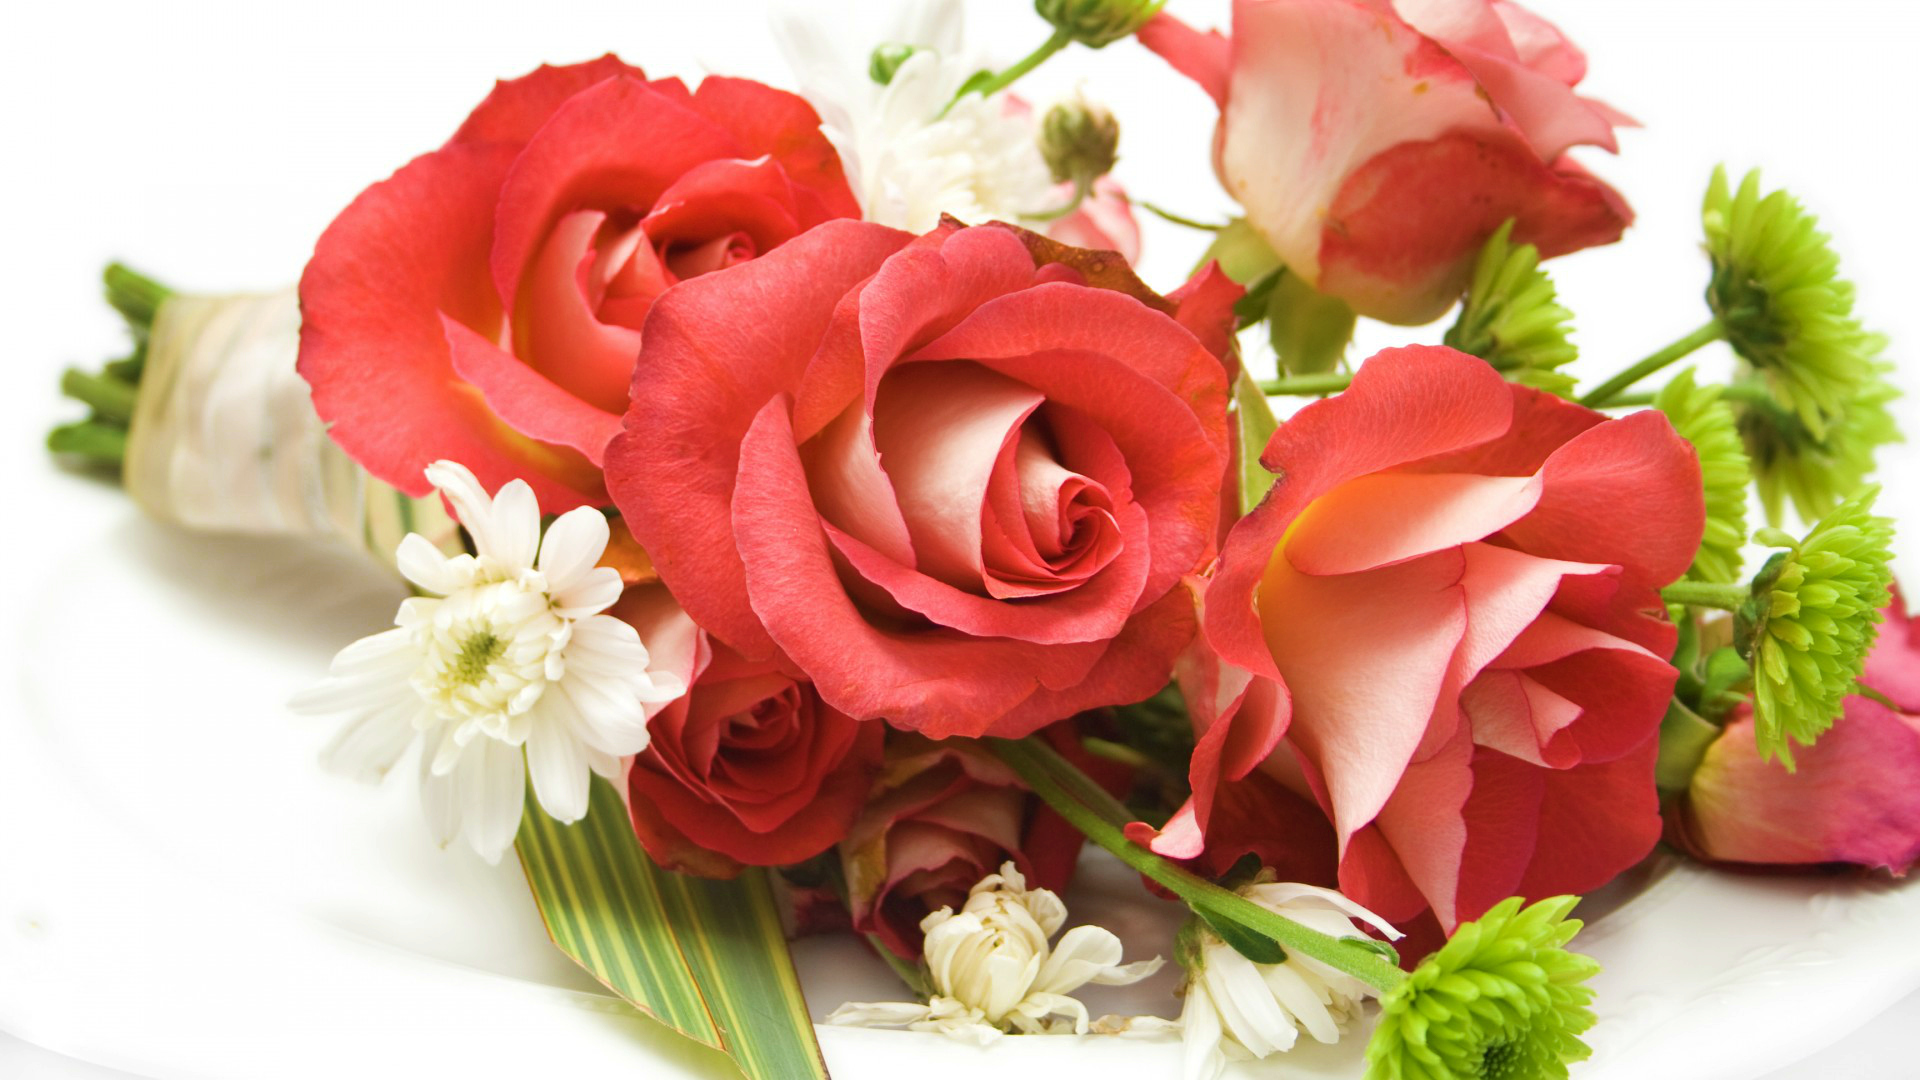 roses flower arrangement vase